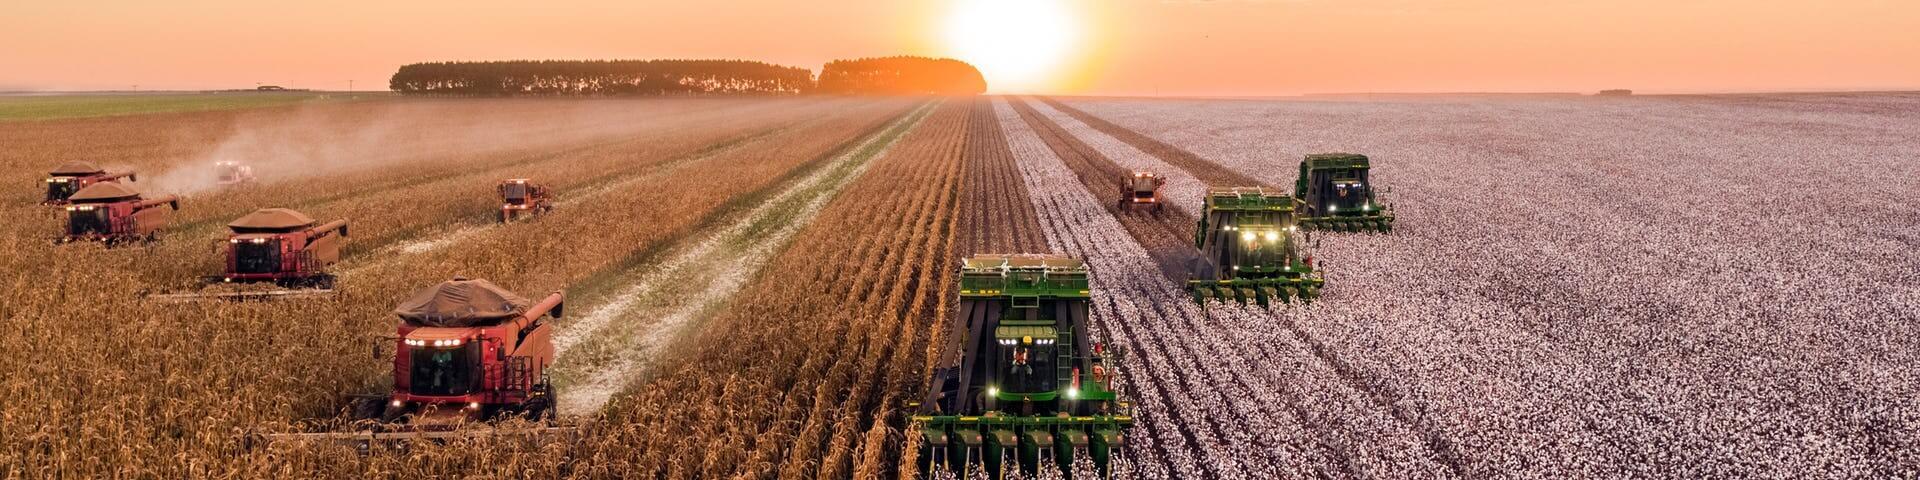 Định hướng nghề nghiệp với ngành Kinh tế nông nghiệp là gì